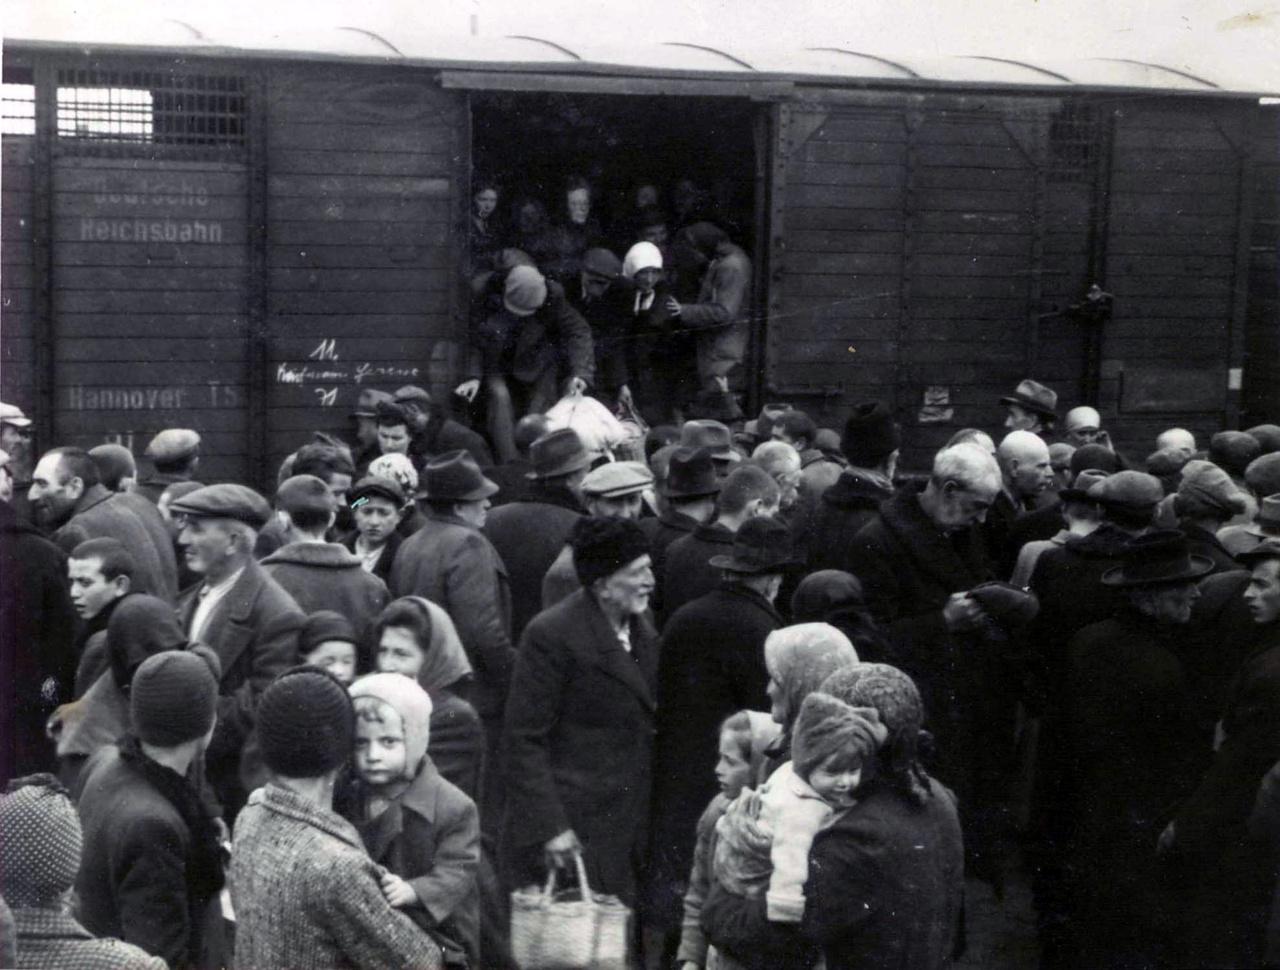 Az érkezők a zsúfolt vagonokból kilépve a vonatok mellett gyülekeztek. Még fogalmuk sem volt arról, hogy egy halálgyárba érkeztek, amit legtöbbjük nem él túl. 1944 májusa és júniusa között körülbelül 250 ezer magyar zsidót vittek Auschwitzba. Bár Horthy Miklós július 7-én leállítatta a transzportokat, addigra már közel 435 ezer magyar zsidót deportáltak a táborba.